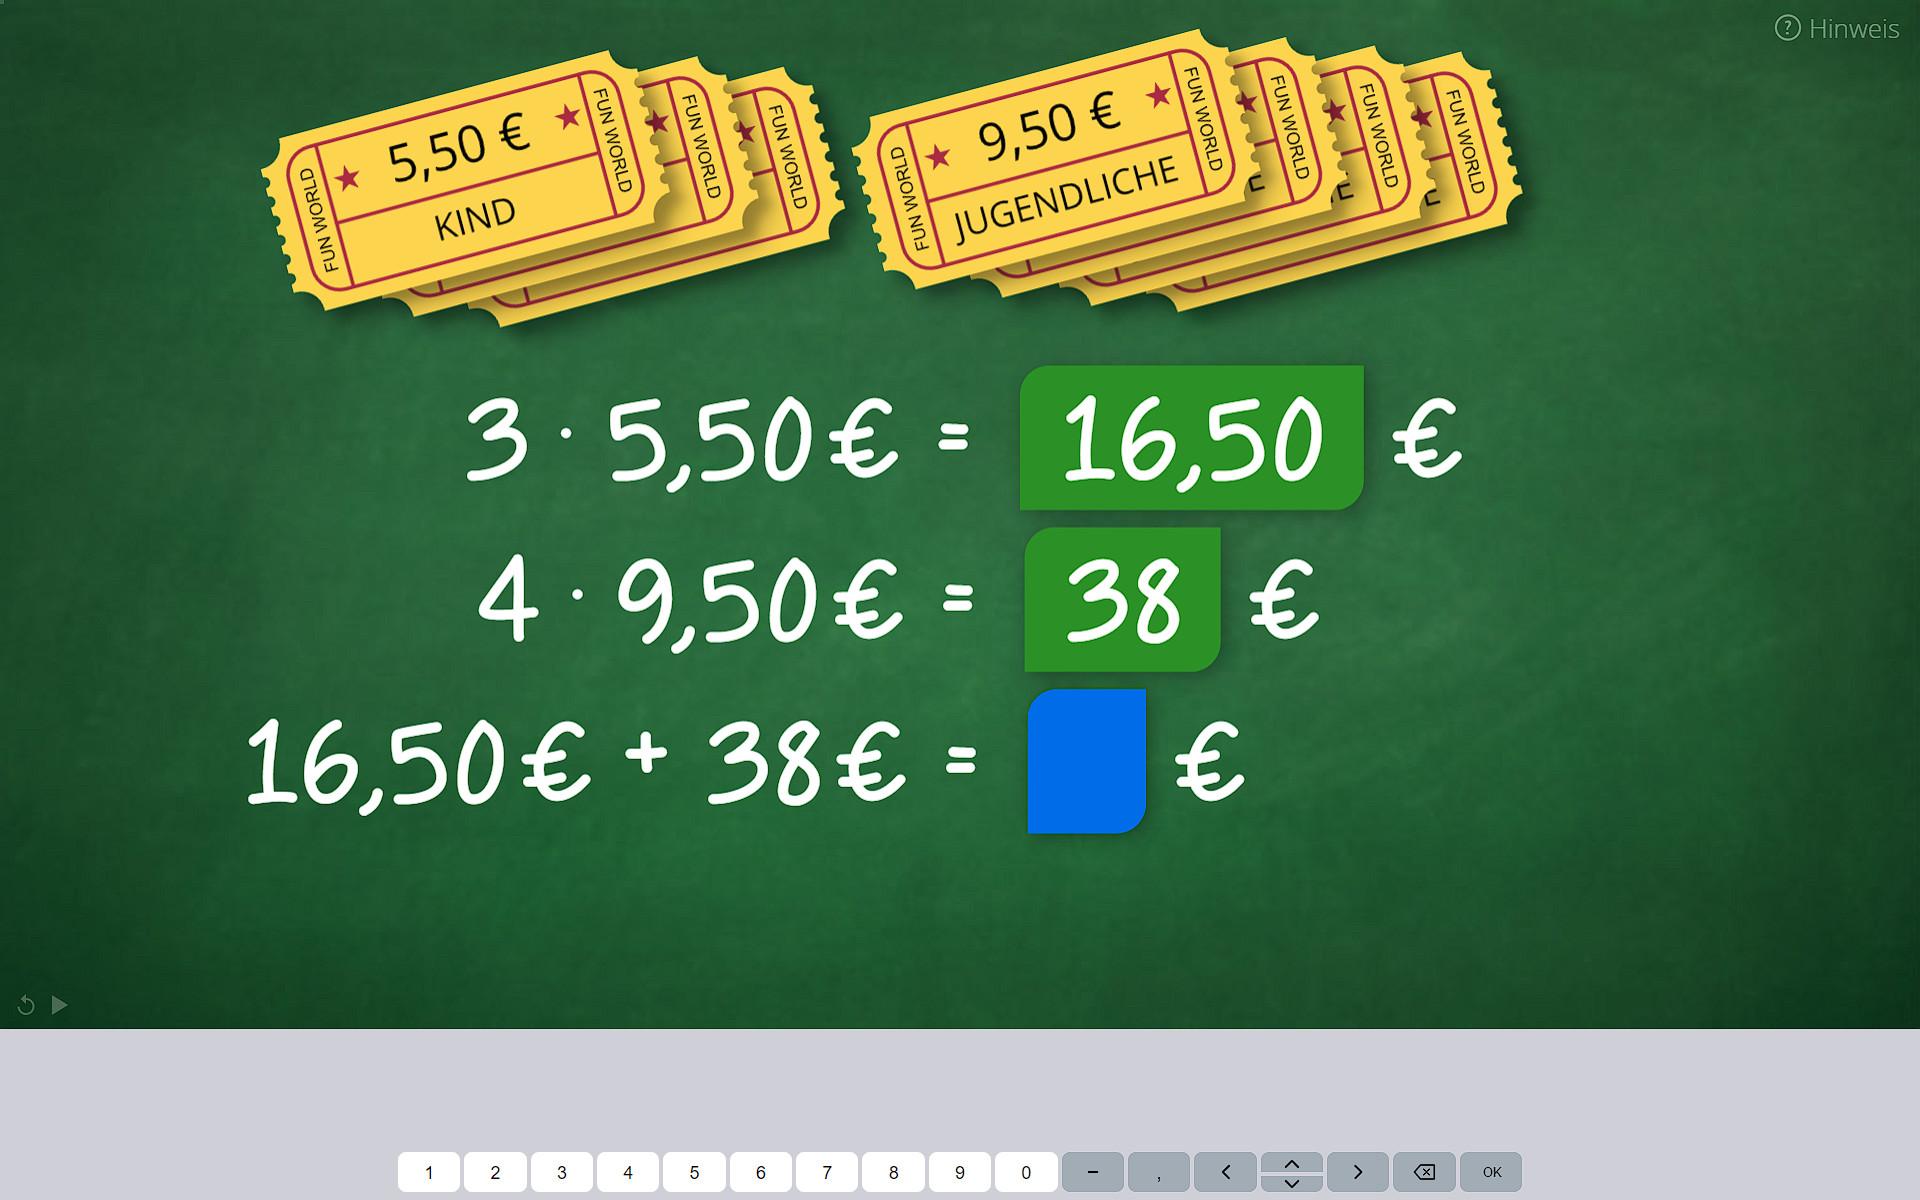 Screenshot 1 - Klett Verlag: Unterrichten von zuhause